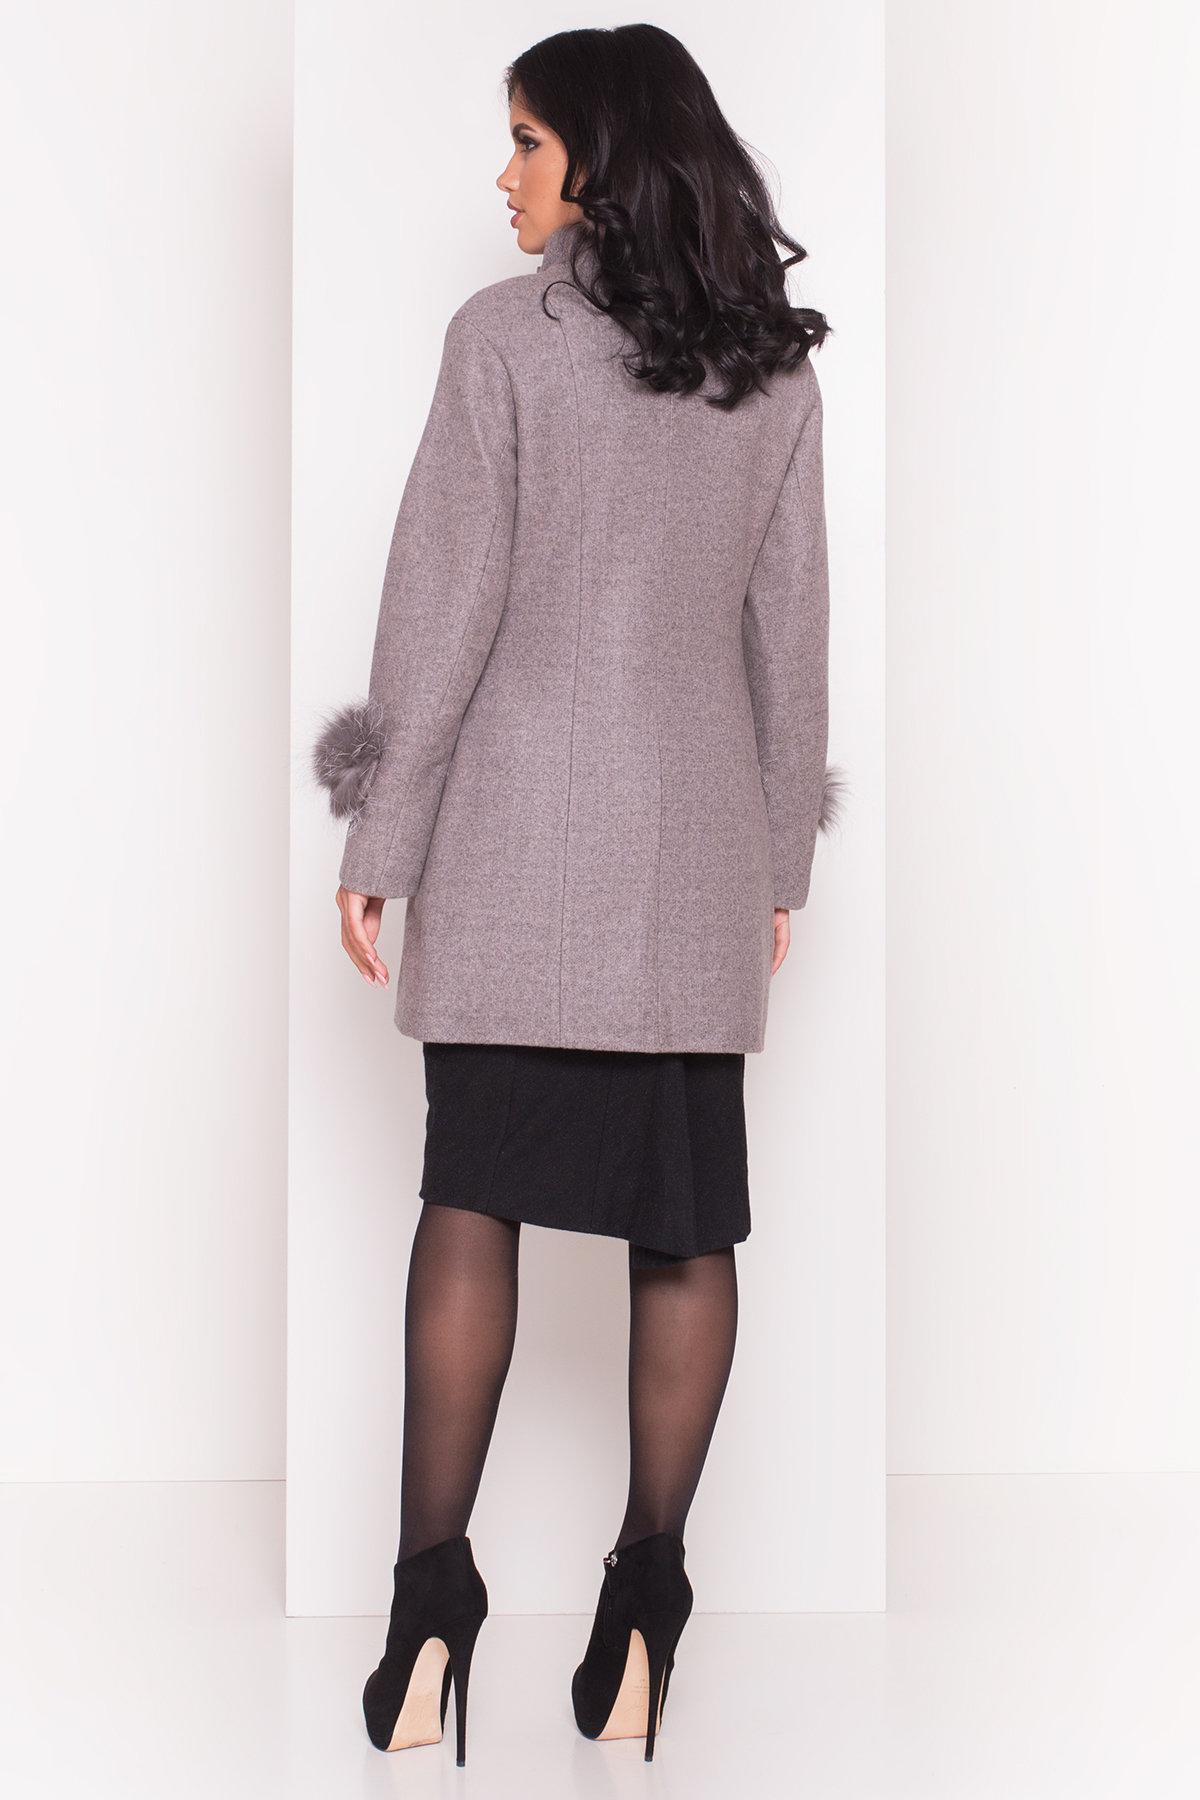 Пальто Лорин 4478 АРТ. 33846 Цвет: Карамель - фото 3, интернет магазин tm-modus.ru